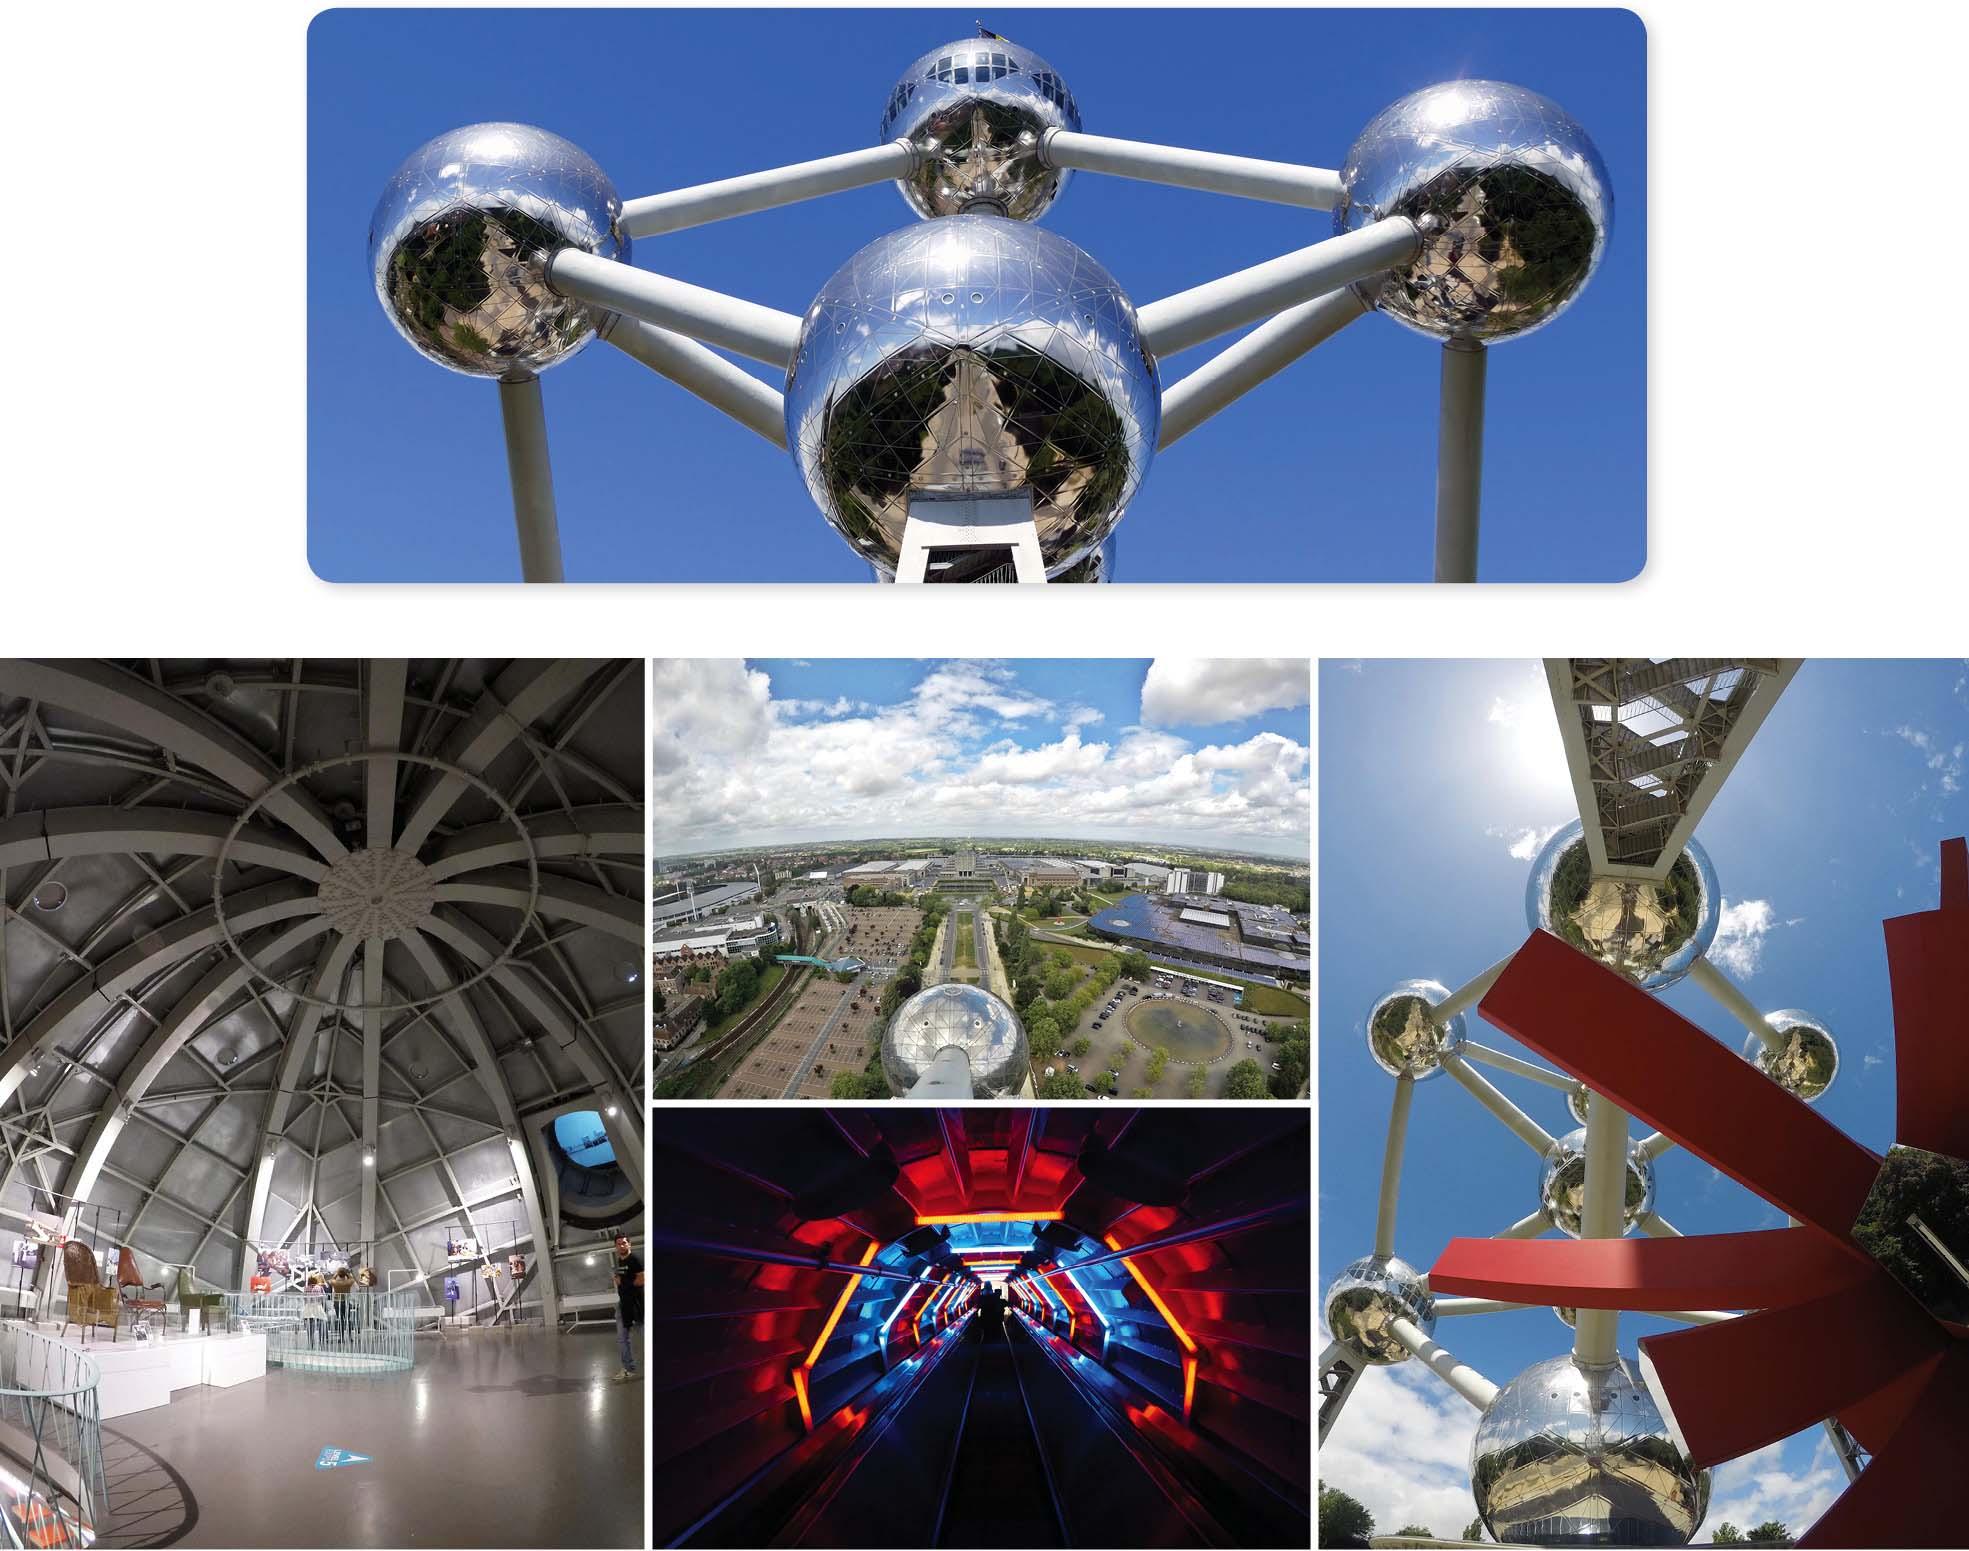 Bruxelles, europe, Belgique, Atomium, boules, musée, ville, attraction